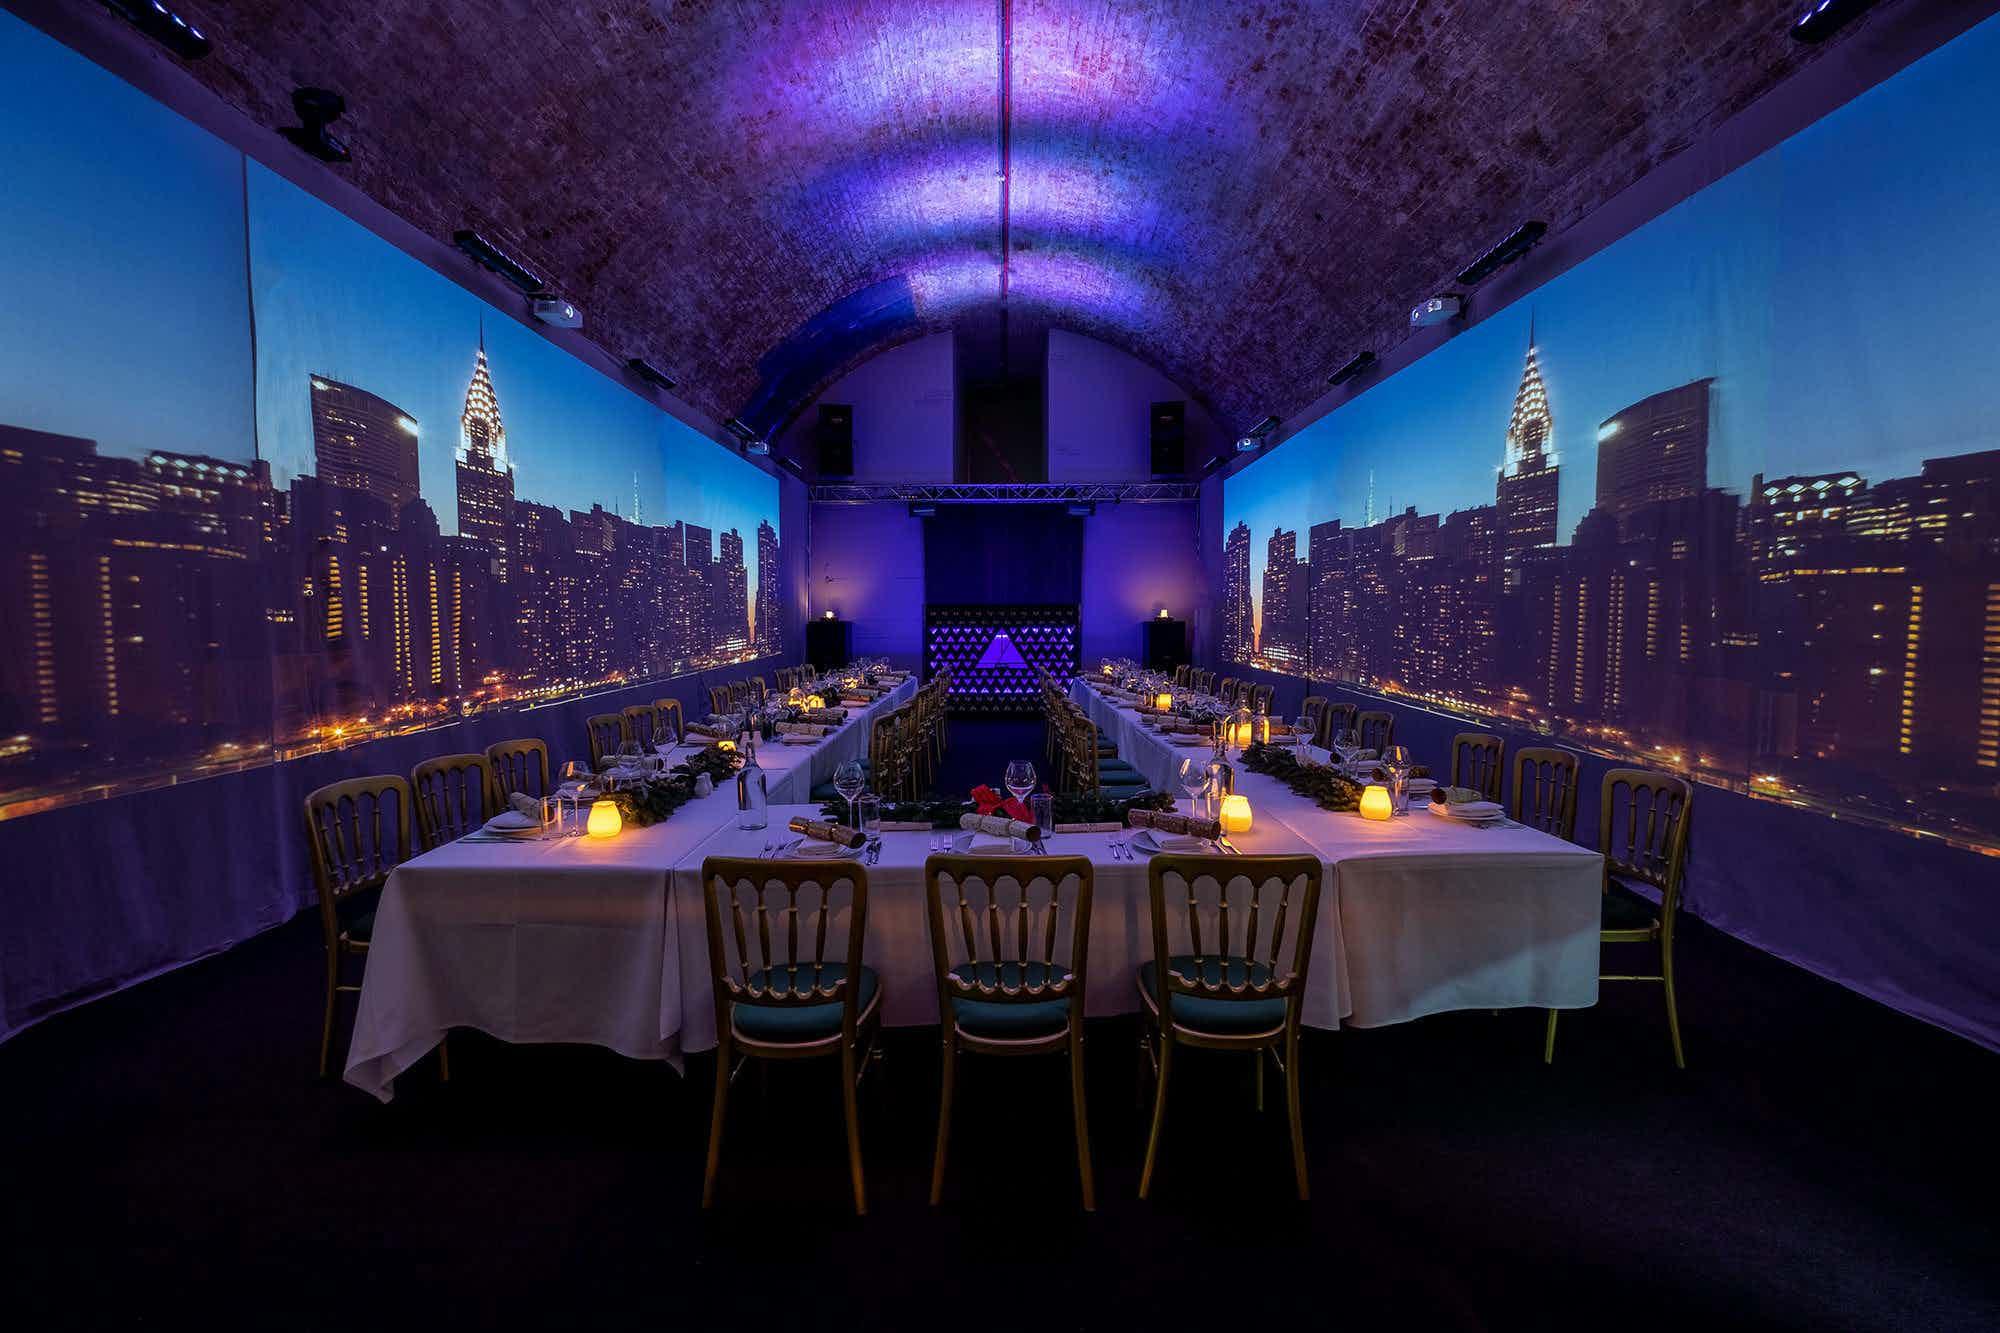 Main Event Space, Aures London